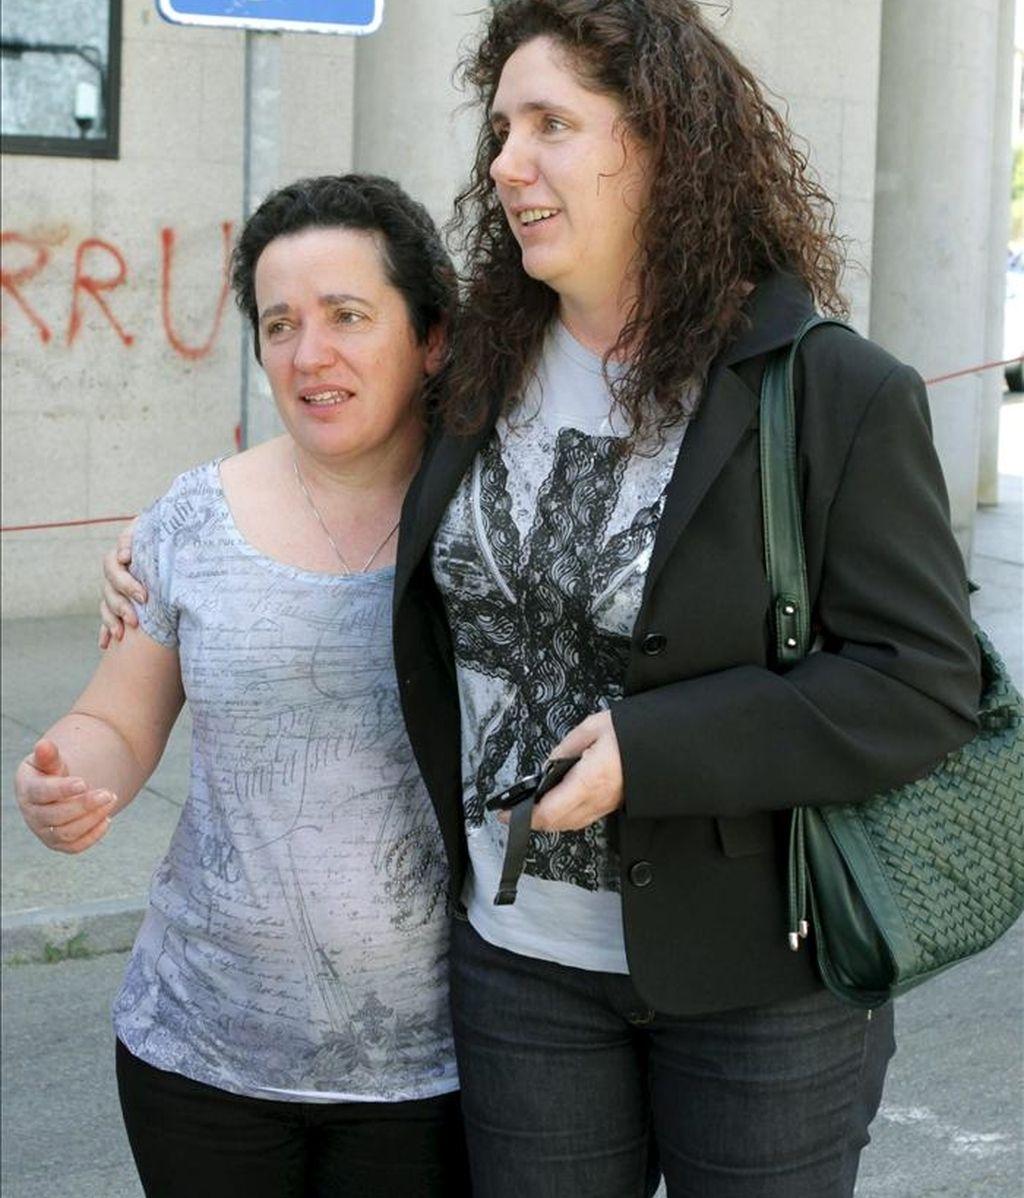 Rosa (d) y Manuela Arcos, hermanas de María José Arcos, desaparecida hace quince años, junto al Juzgado número uno de Ribeira después de que el titular dictara prisión provisional sin fianza para R.V detenido el pasado martes en relación a dicha desaparición. EFE